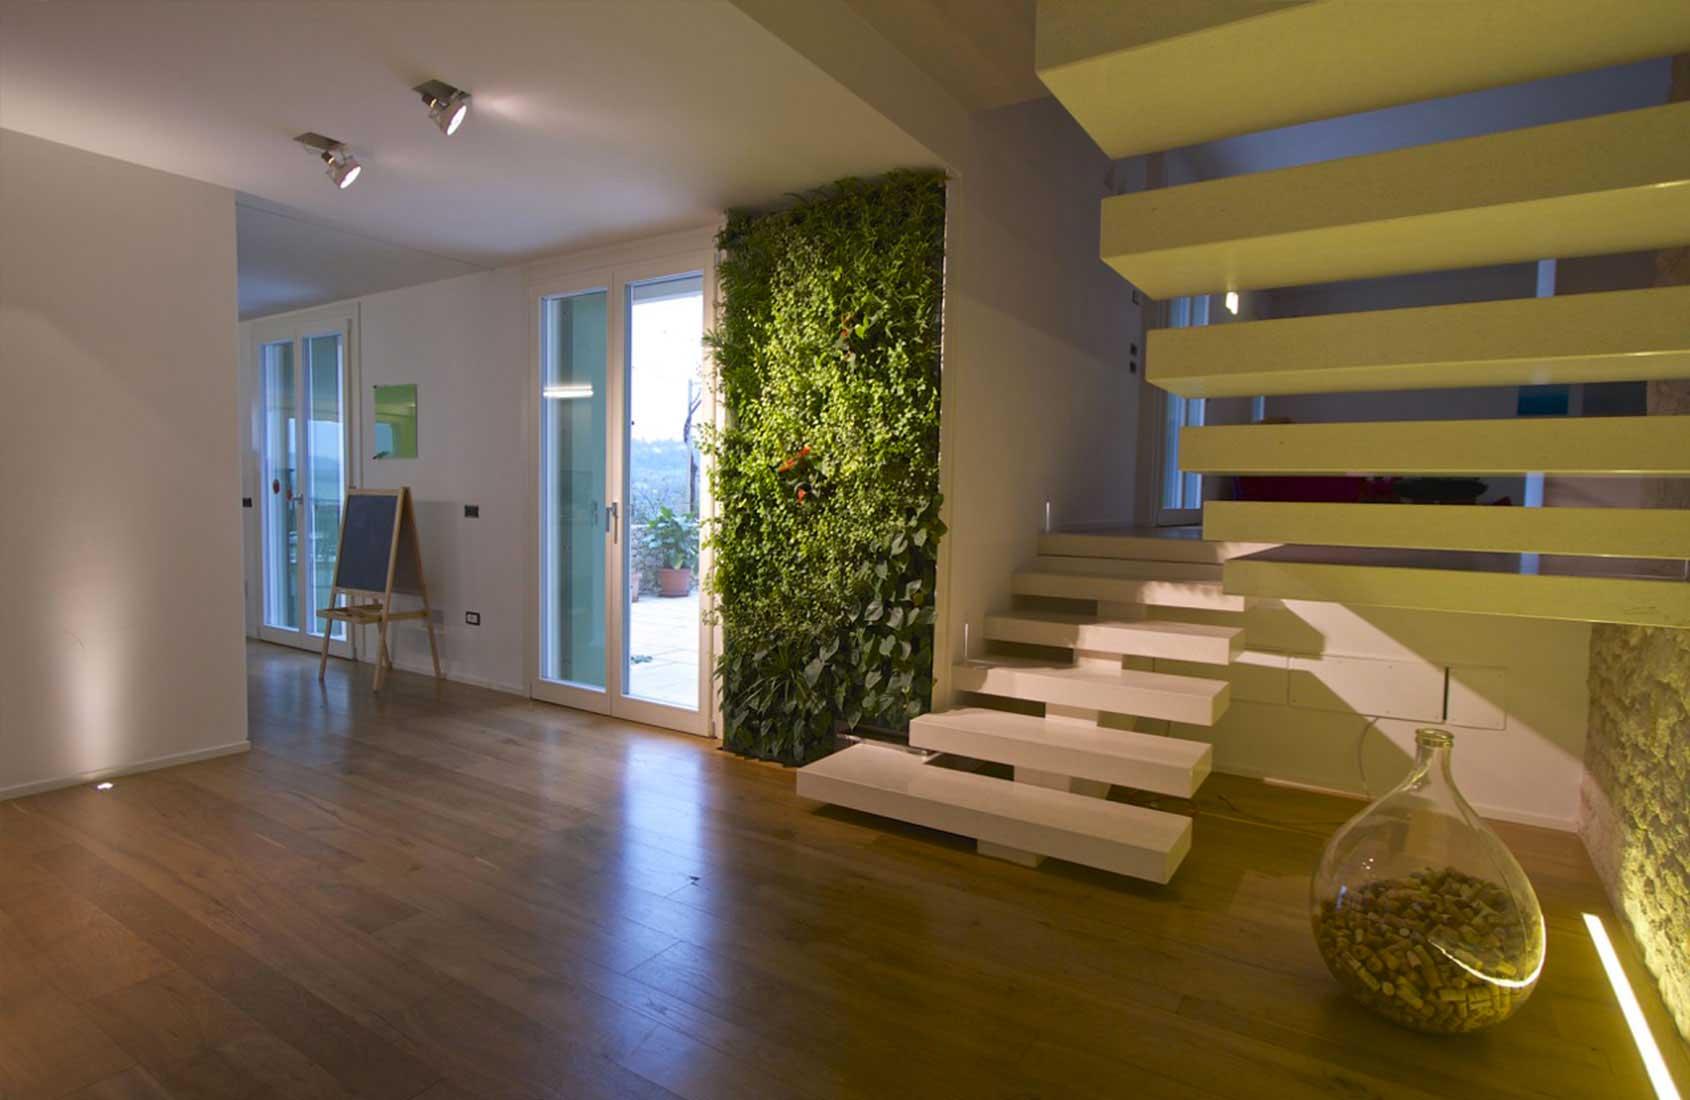 Giardino interno filepalazzo dei diamanti giardino - Giardino interno casa ...